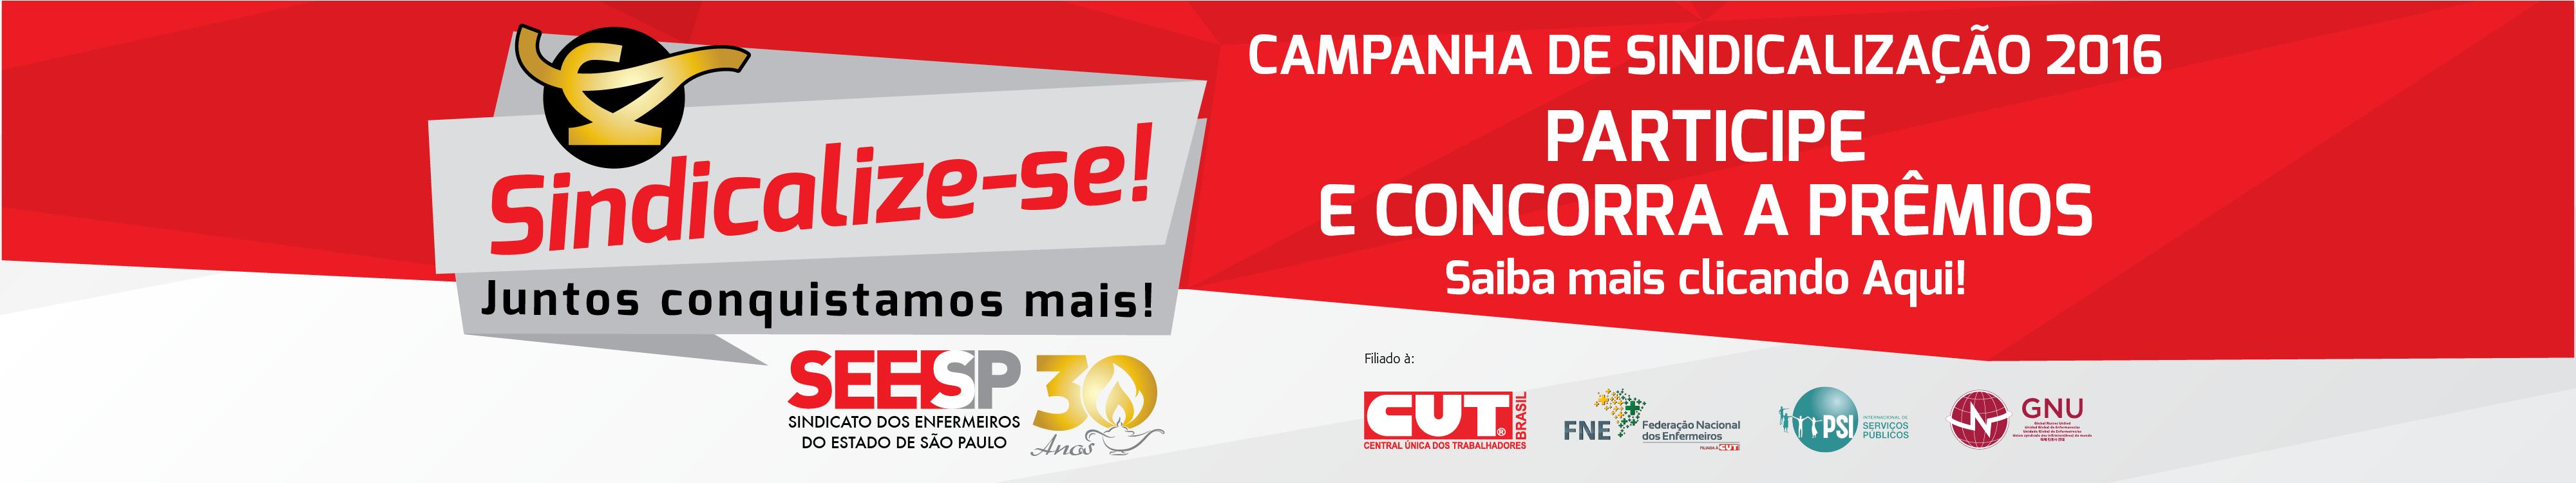 Campanha de Sindicalização 2016